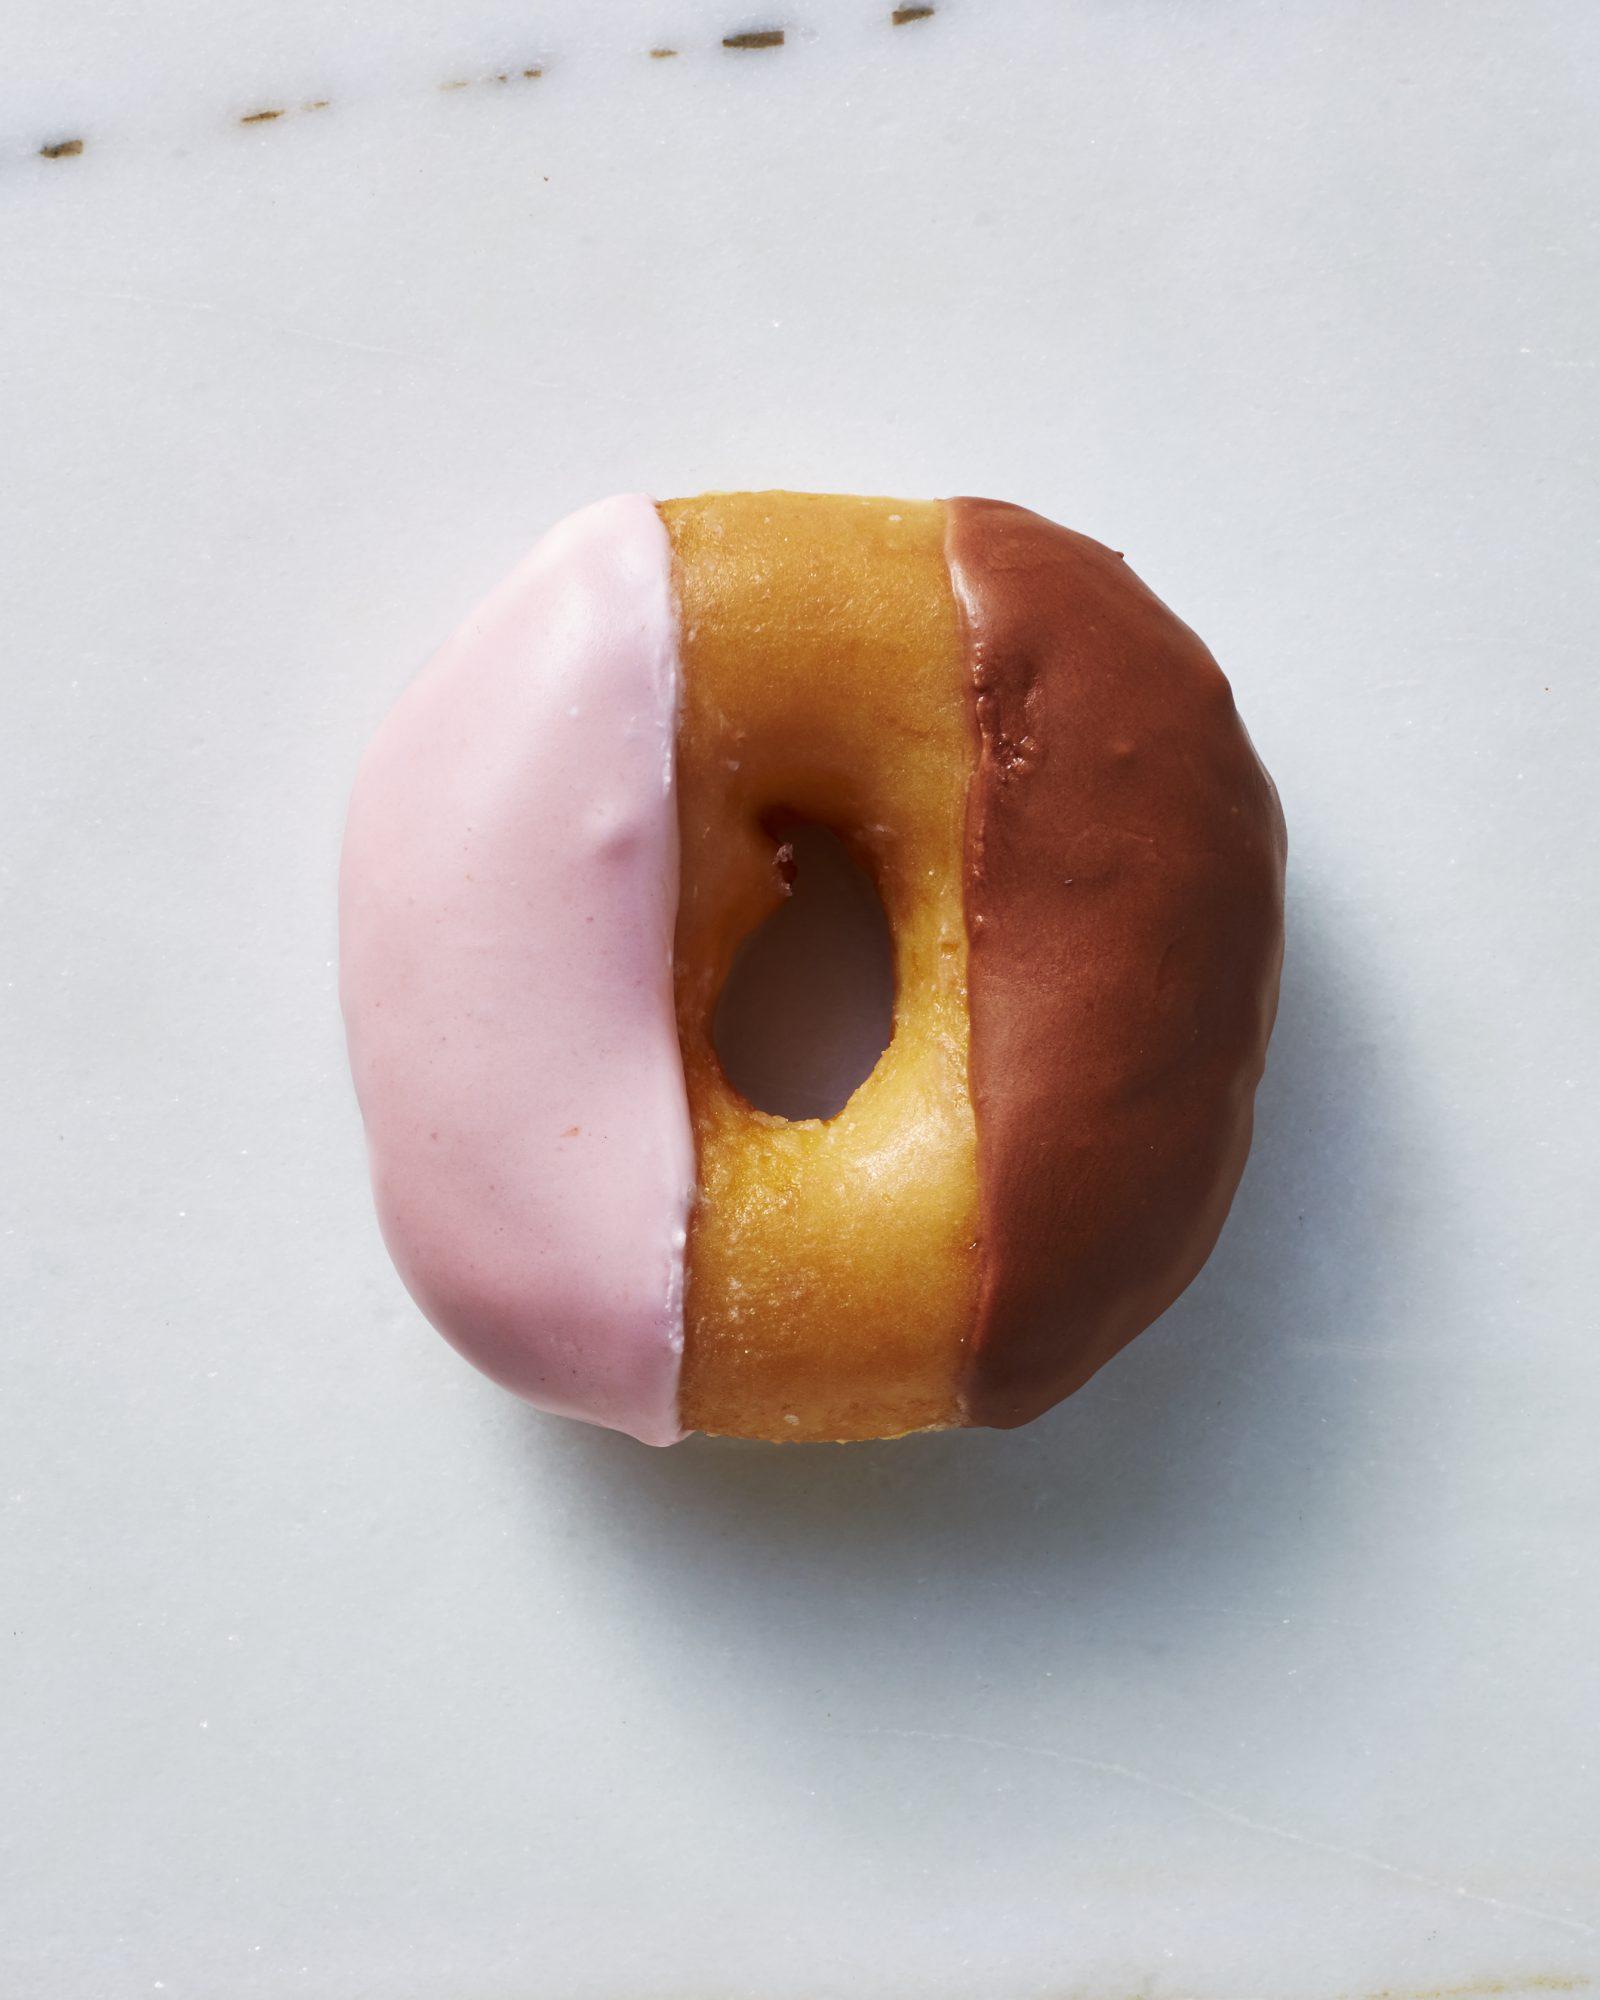 Neapolitan Donuts